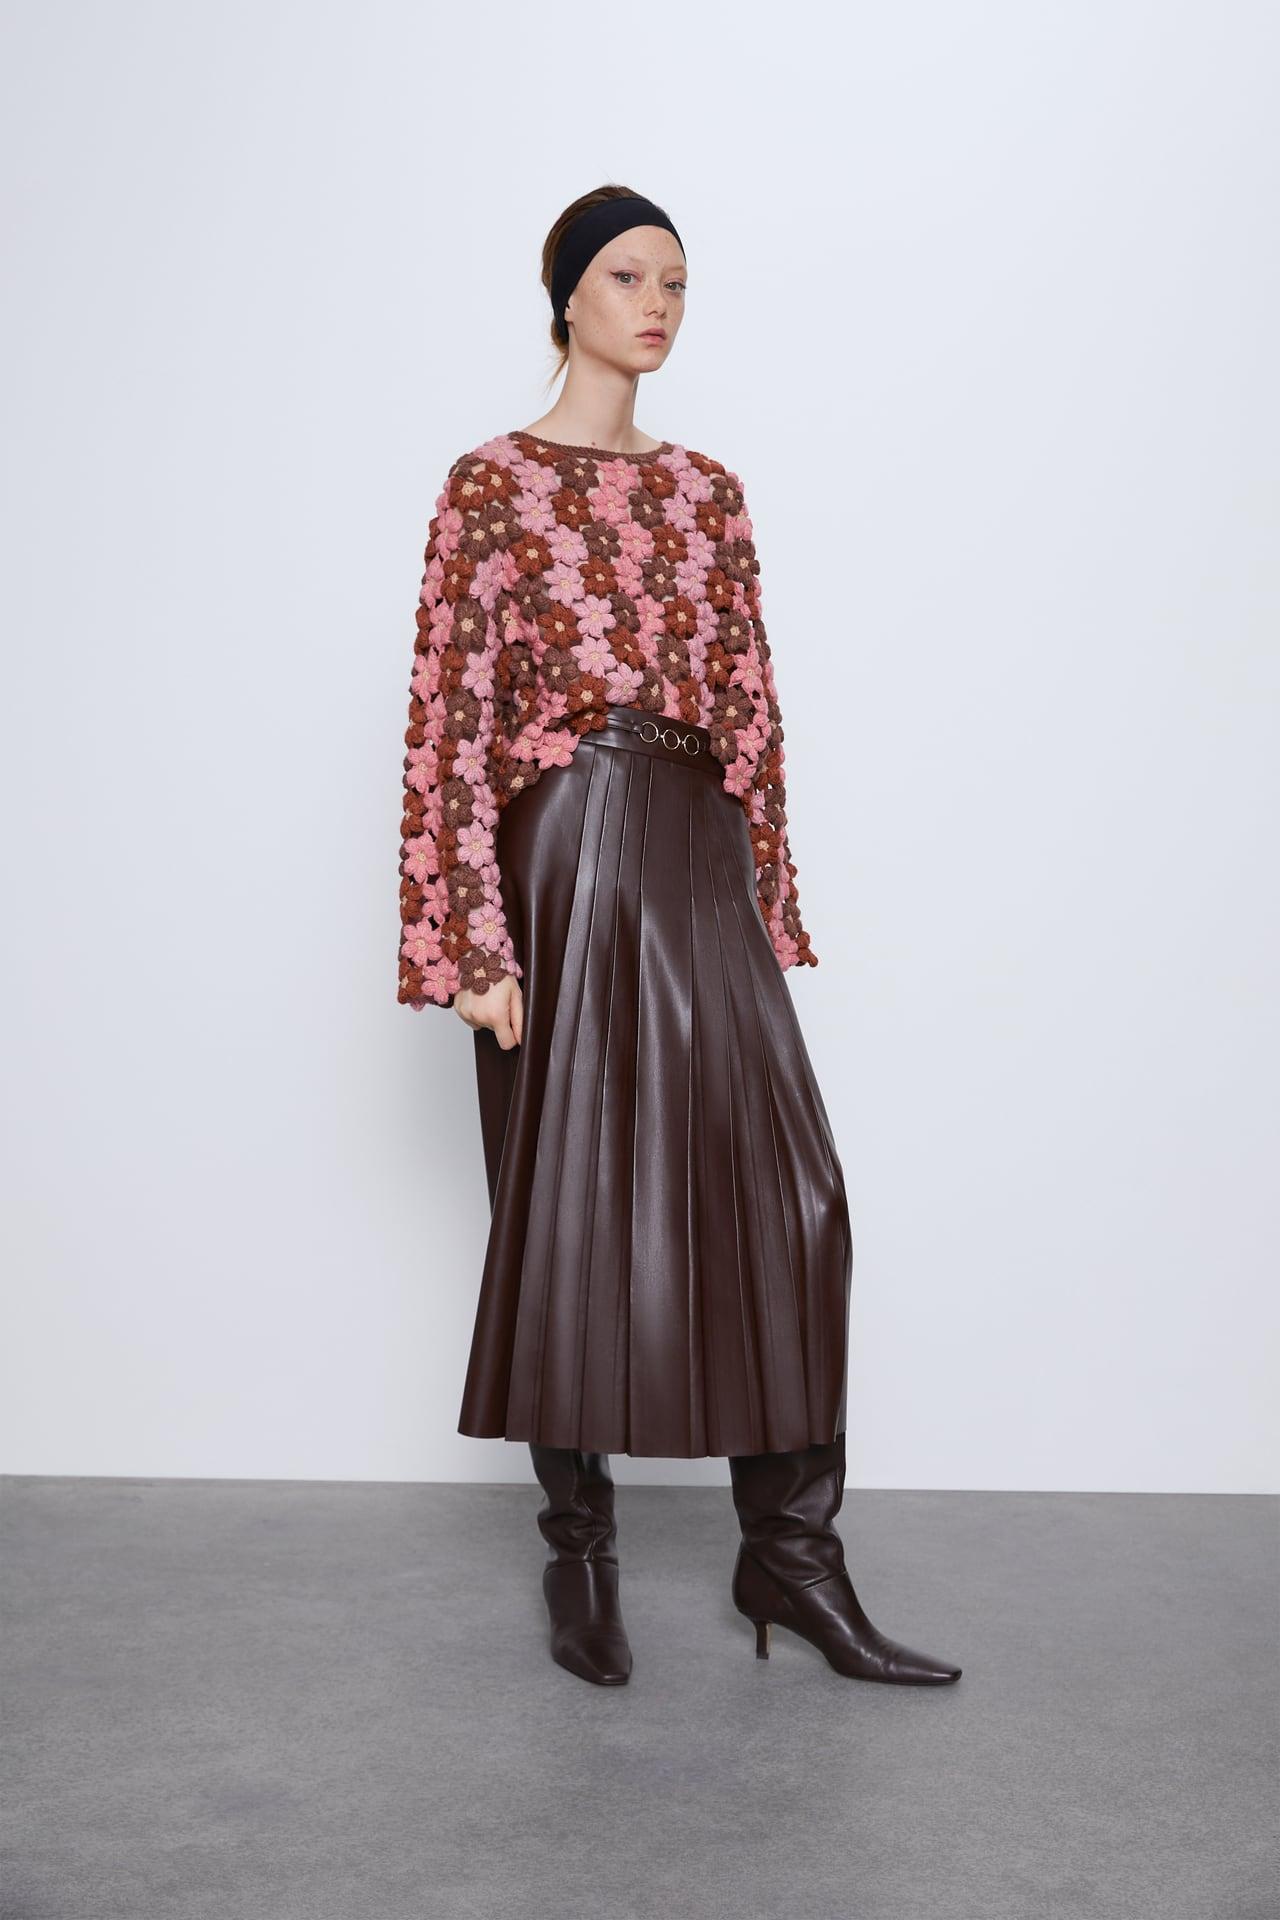 Áo len móc đủ màu hình hoa của ZARA